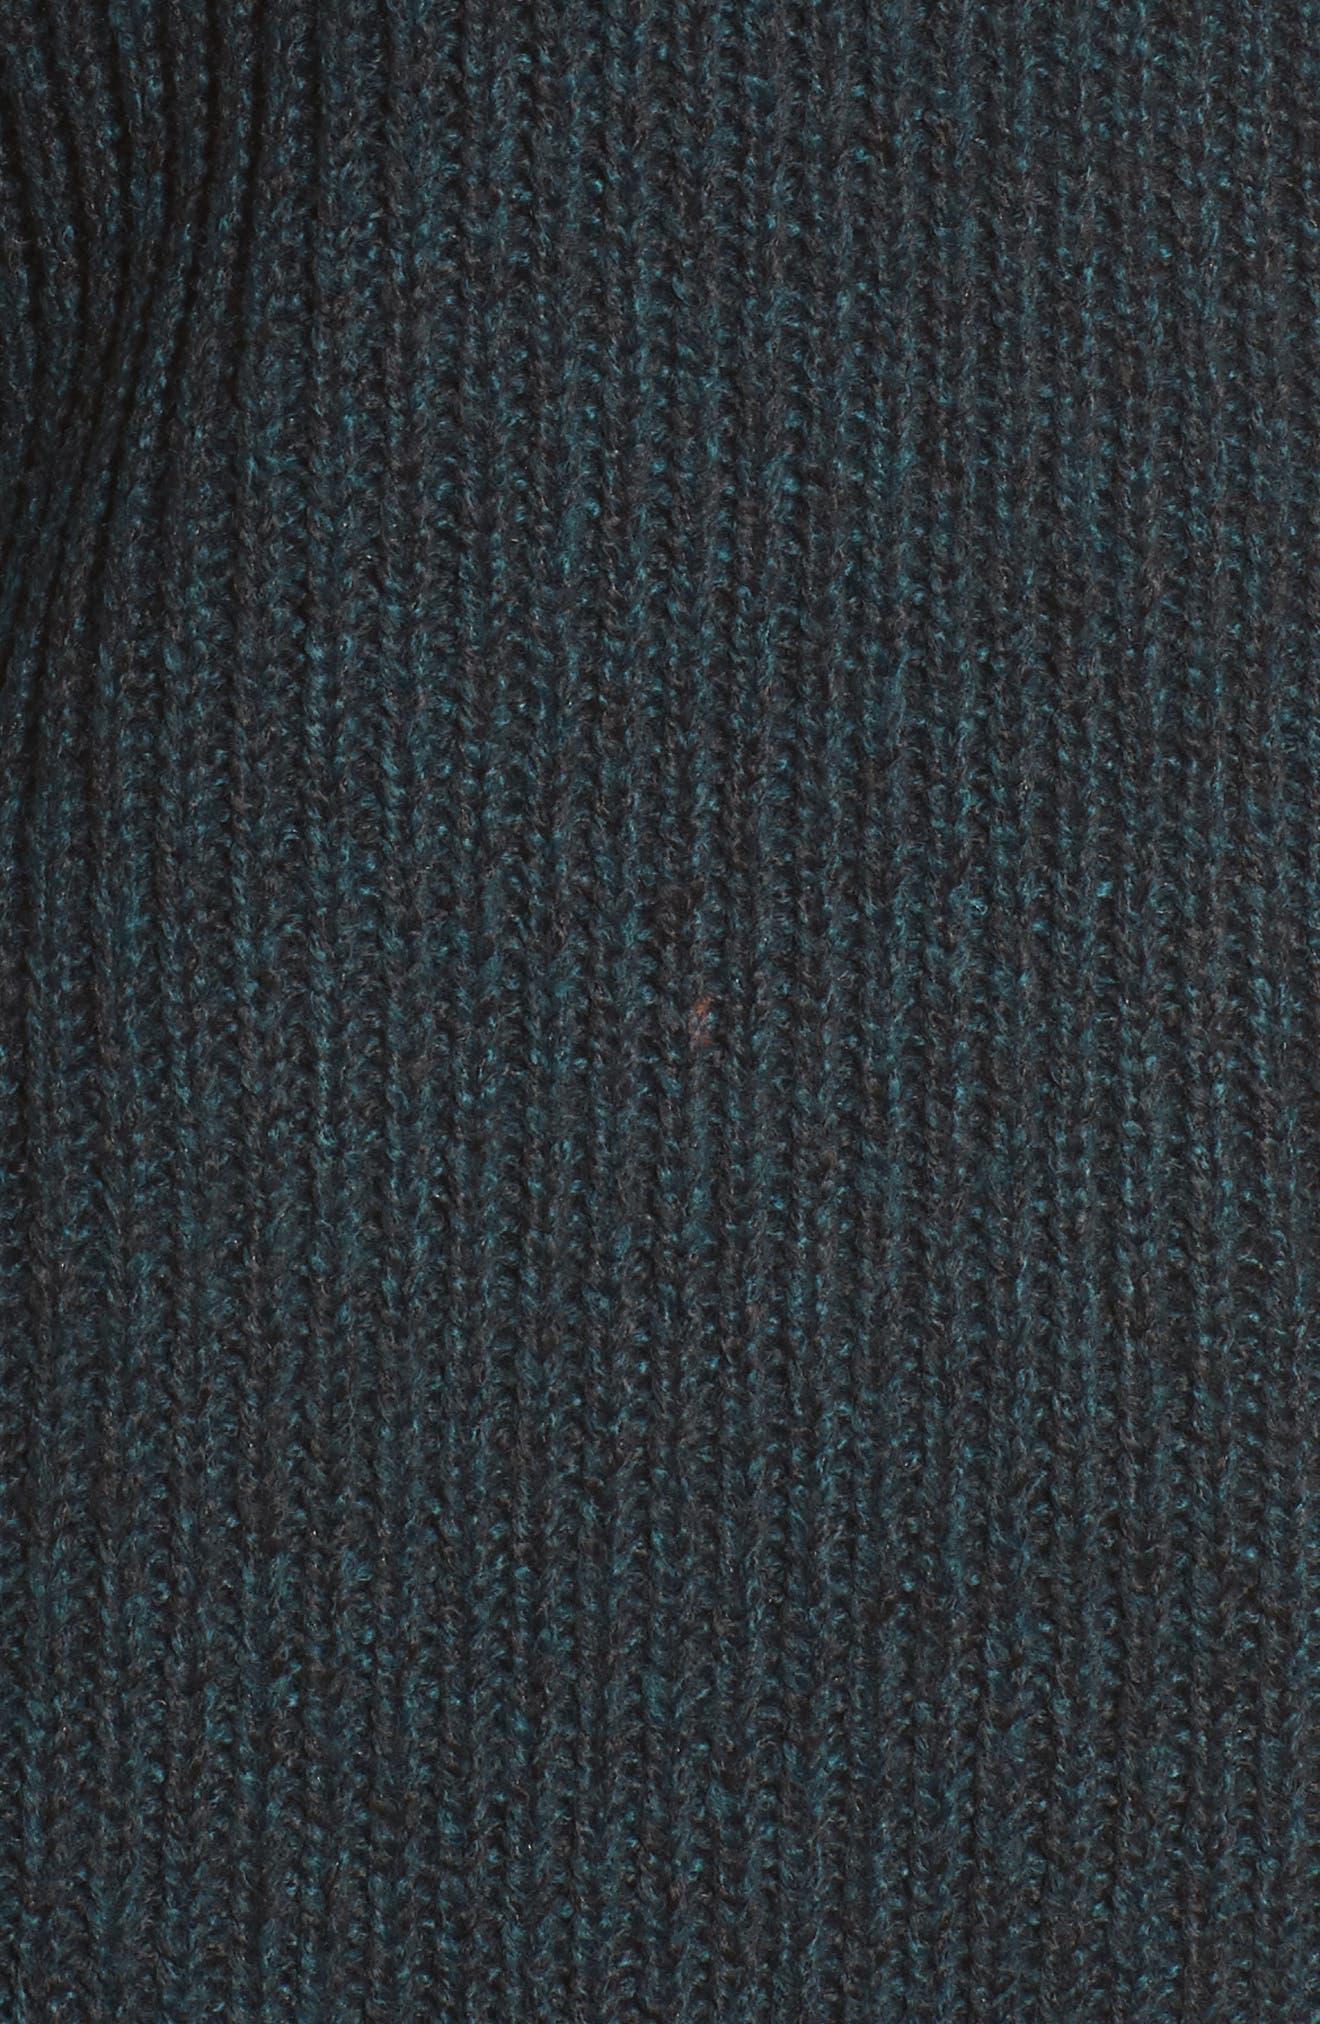 Cold Shoulder Turtleneck Sweater,                             Alternate thumbnail 5, color,                             300